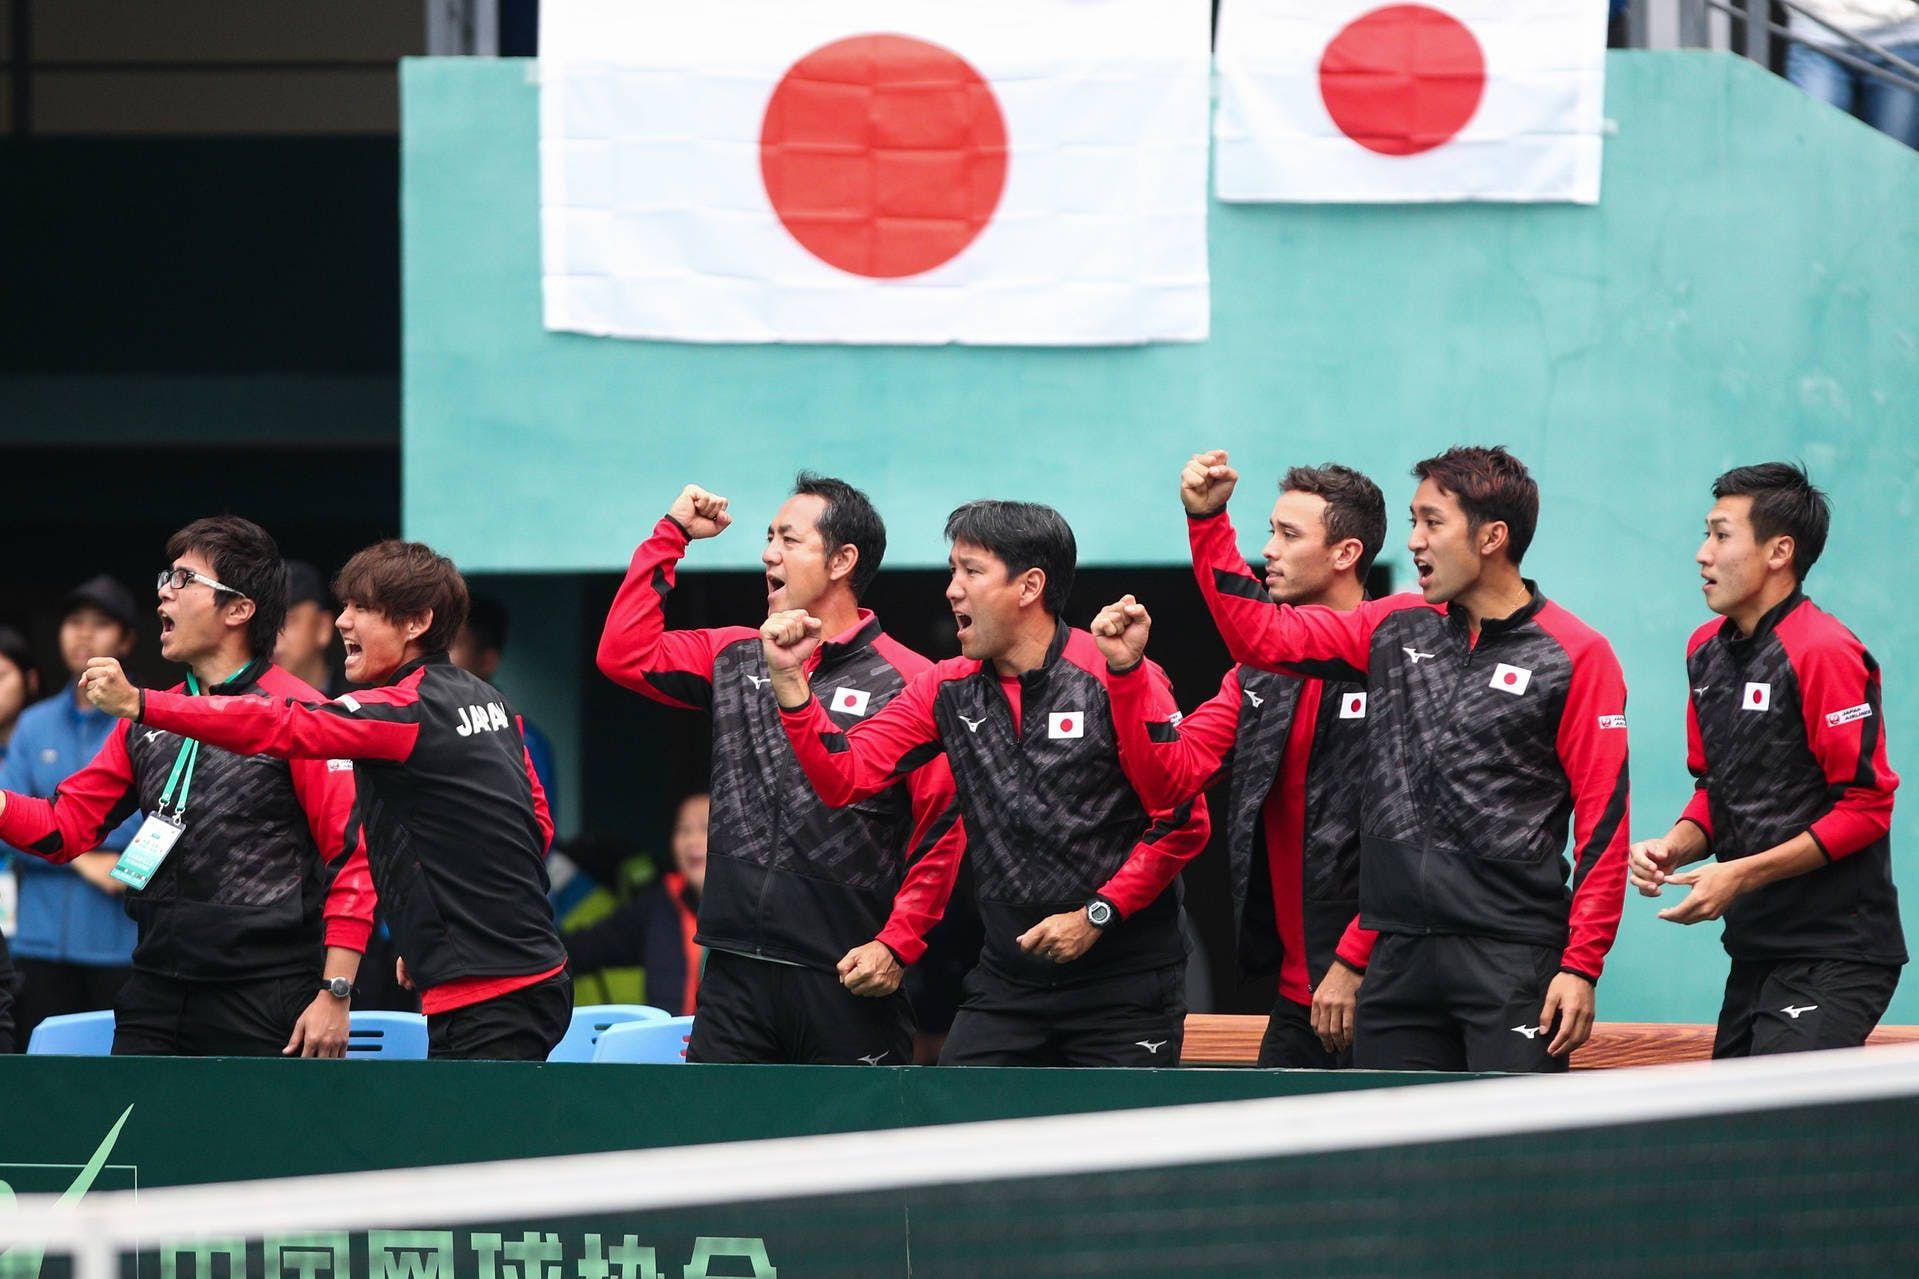 Il Giappone giocherà nel Gruppo A con Francia e Serbia